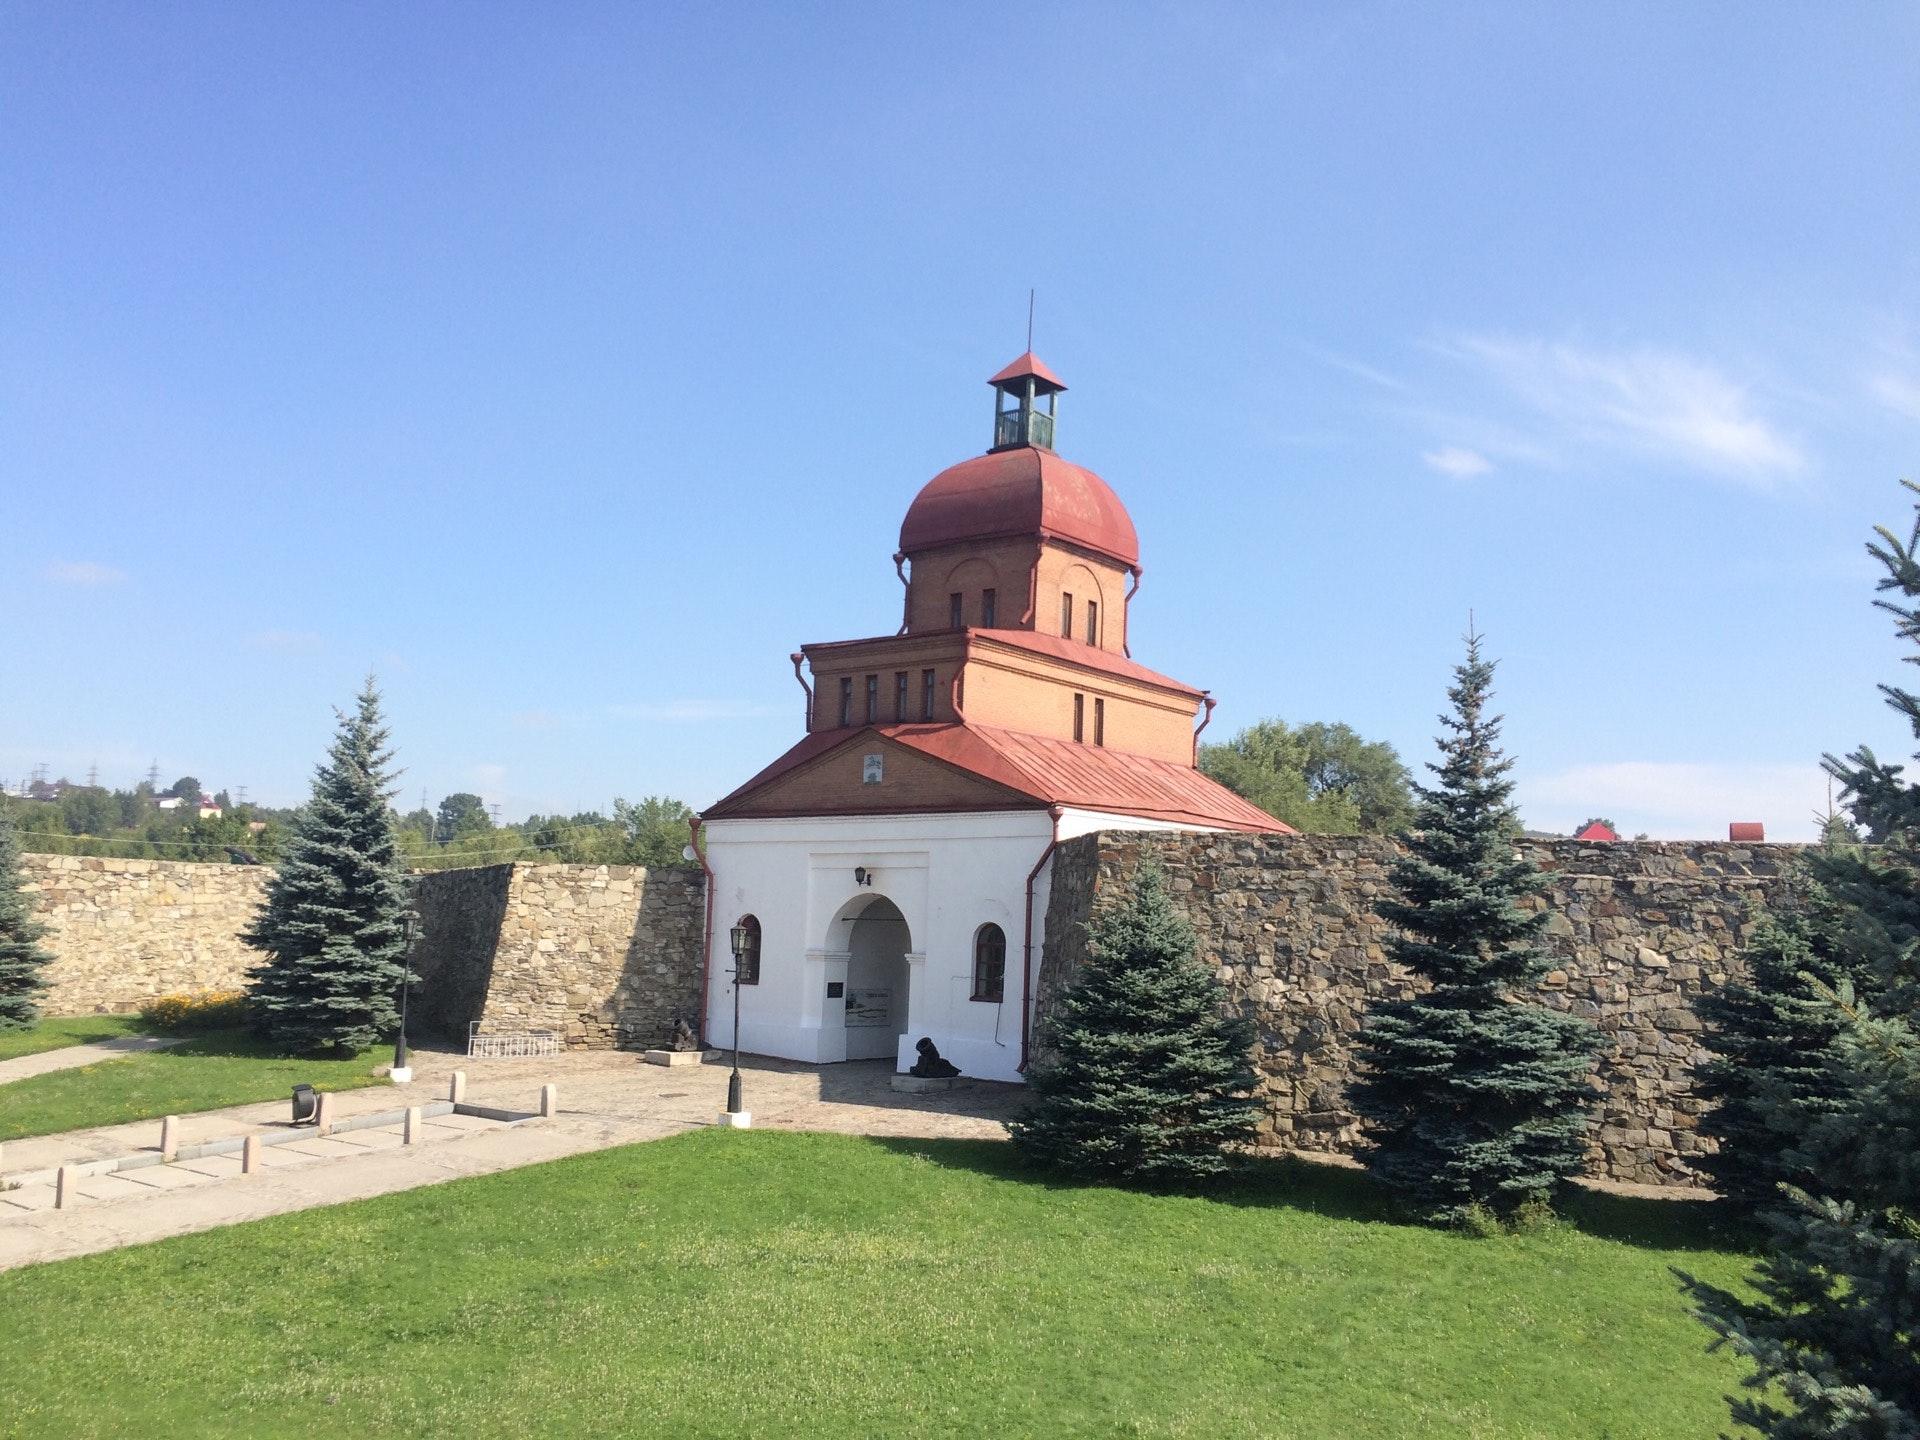 вас заинтересовали новокузнецк фотографии крепости означает непрерывную изменяемость